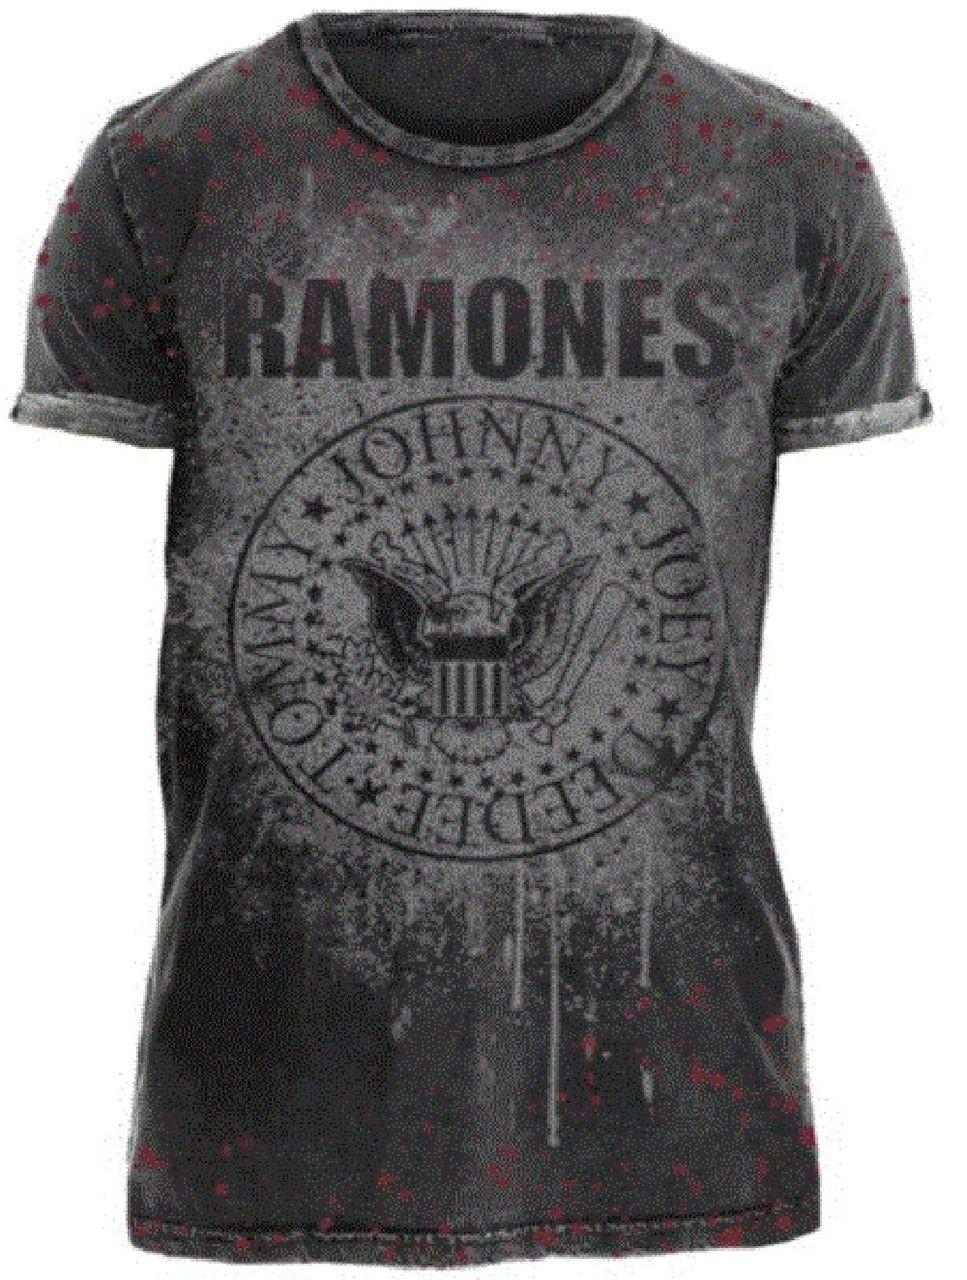 3e2c03094fdea Ramones Vintage T-shirt - Presidential Seal. Men s Gray